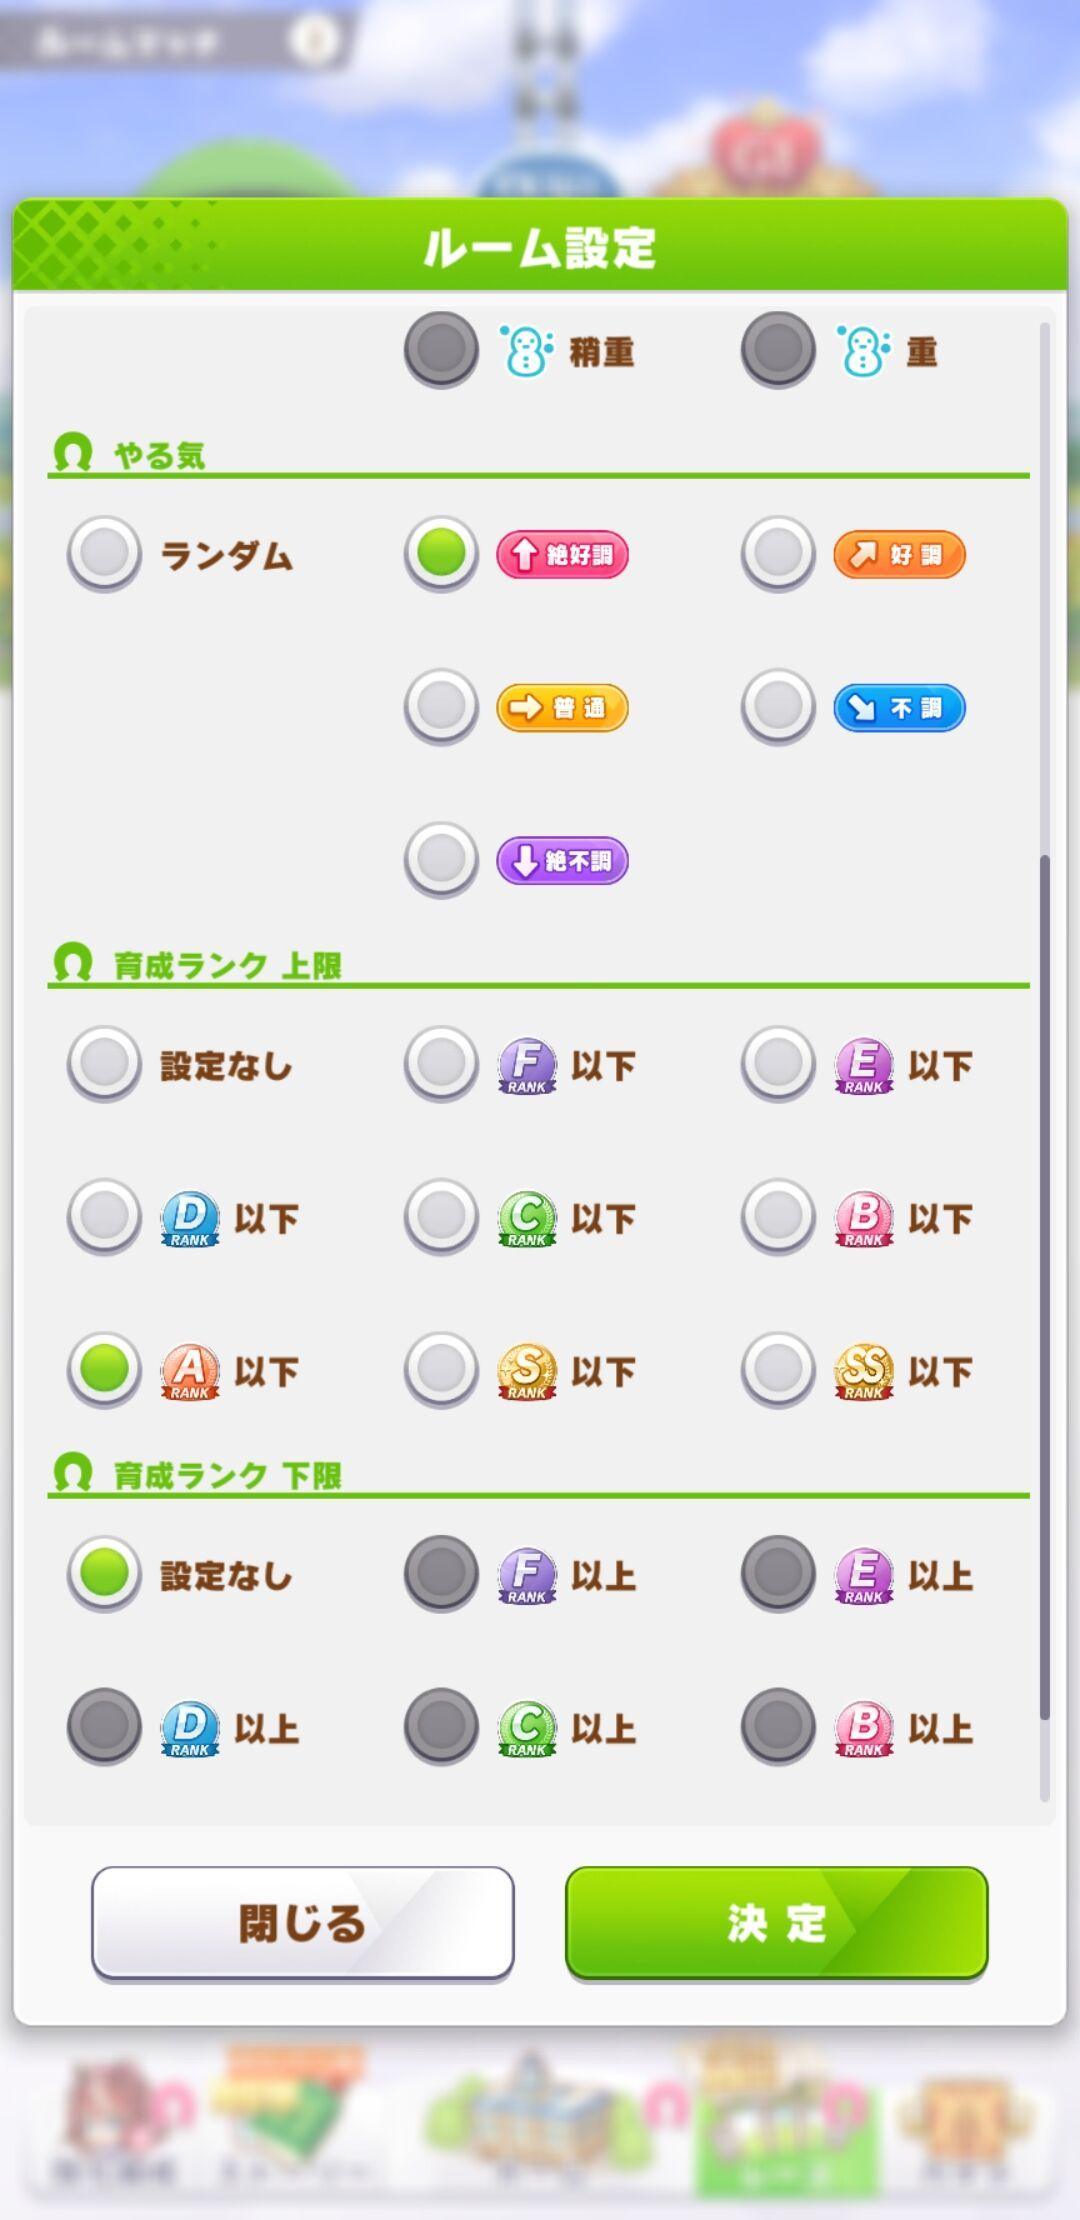 【ウマ娘】ルームマッチ細かく設定できるしええ機能やん!!!